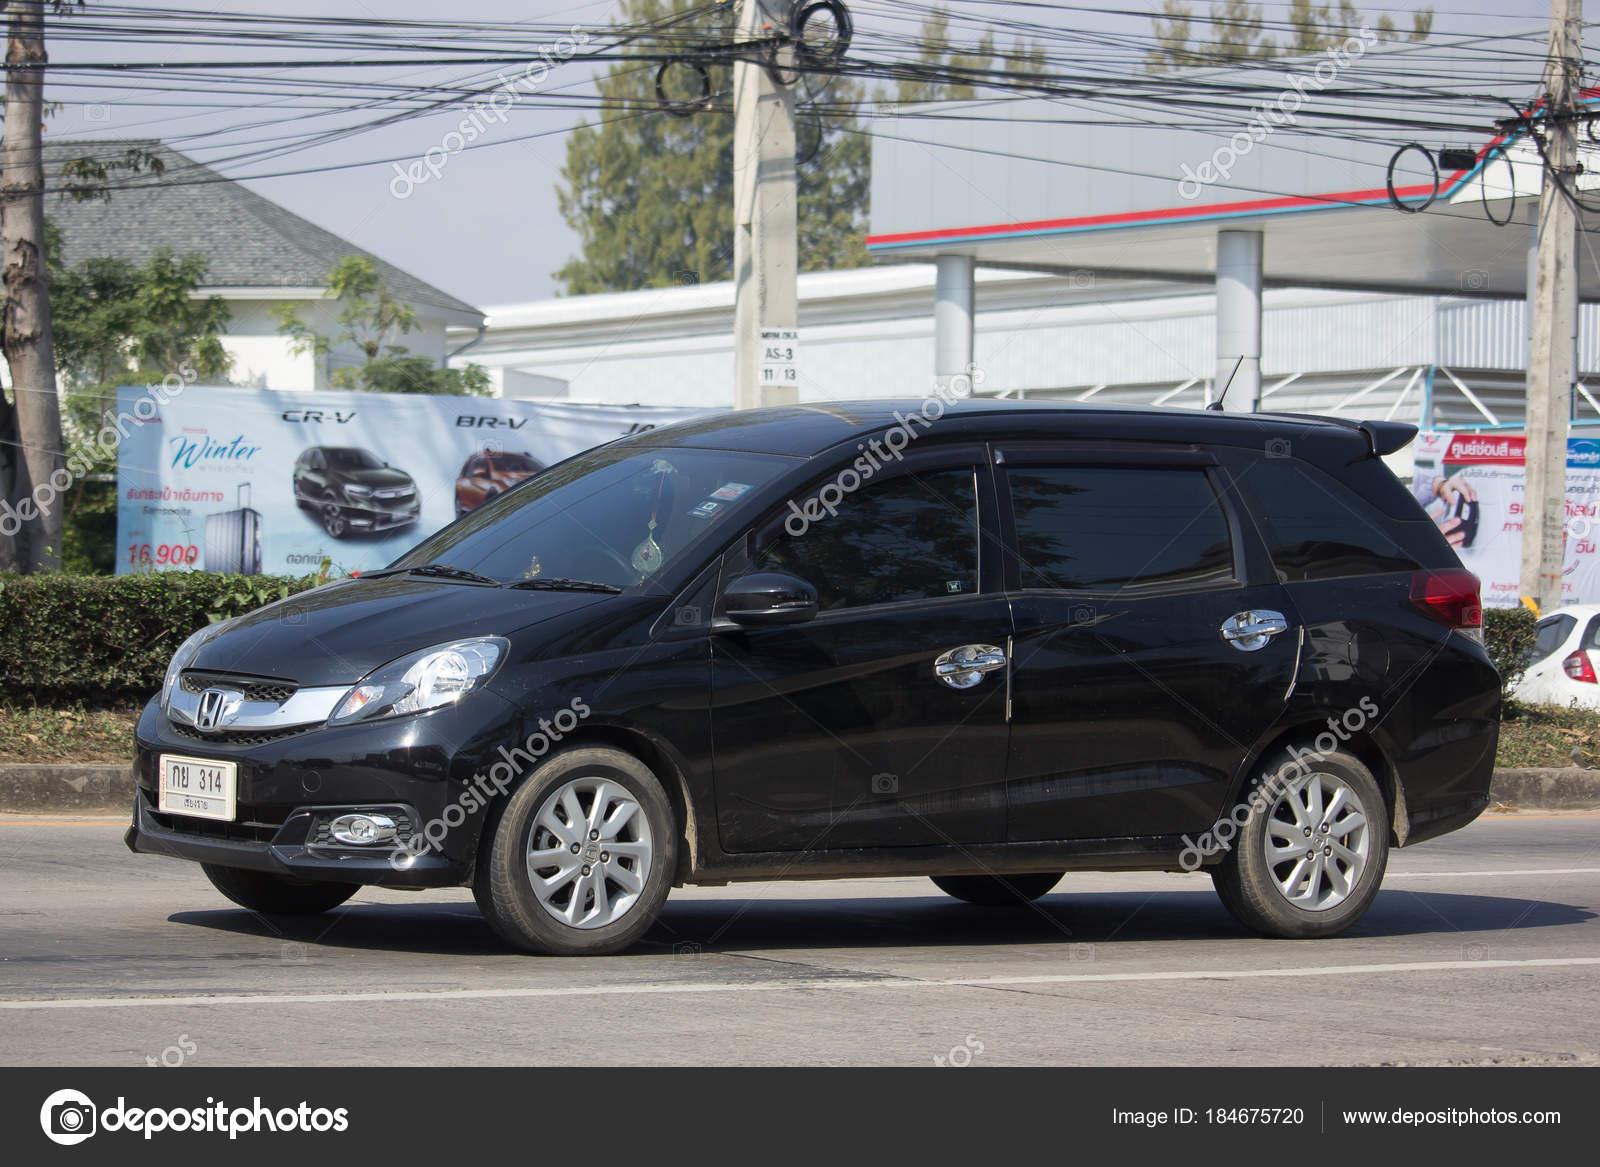 Chiang Mai Thailande 16 Janvier 2018 Van Prive Honda Mobilio Photo En Route No121 Environ 8 Km Du Centre Ville De Image